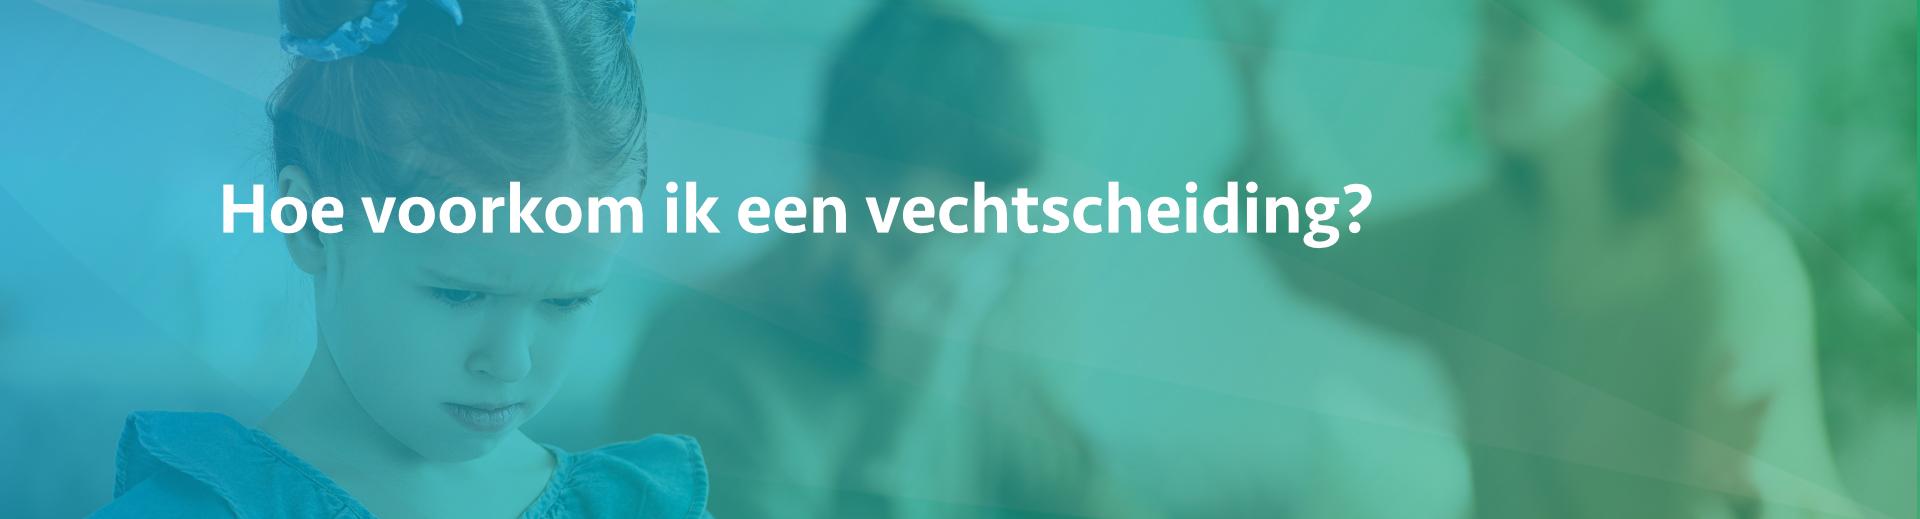 Vechtscheiding voorkomen - Scheidingsplanner Almelo - Deventer - Nijverdal